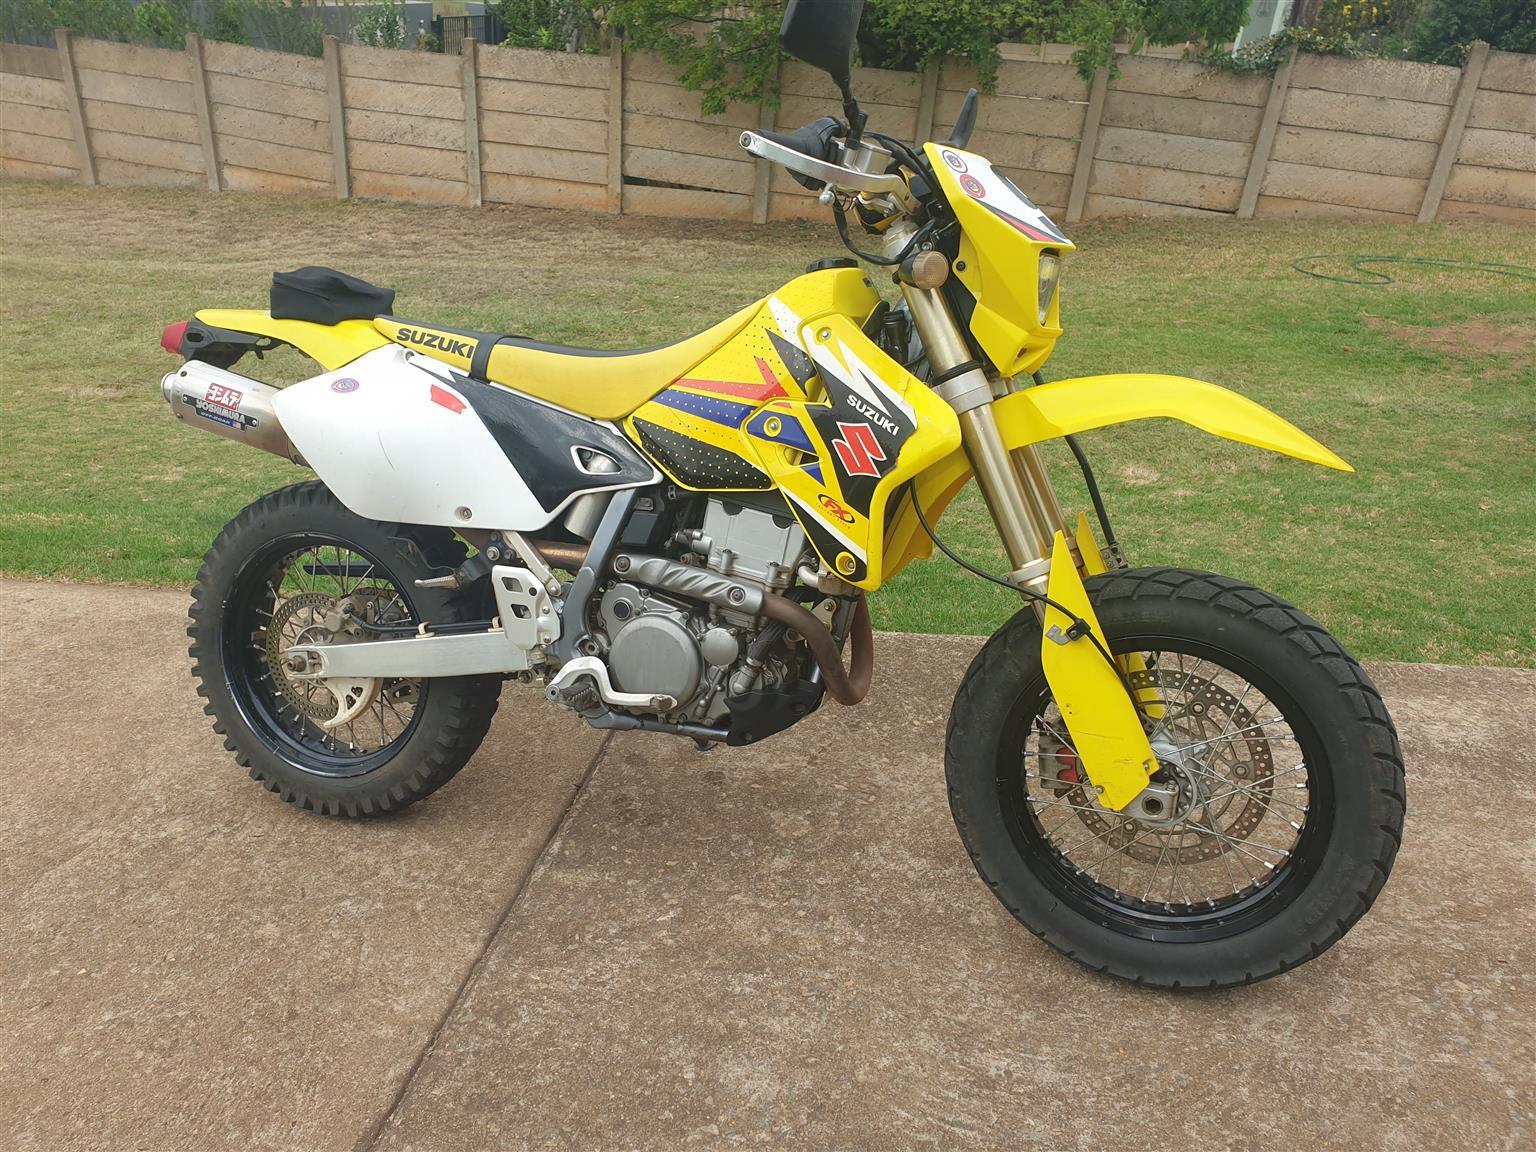 2007 Suzuki DRZ400SM